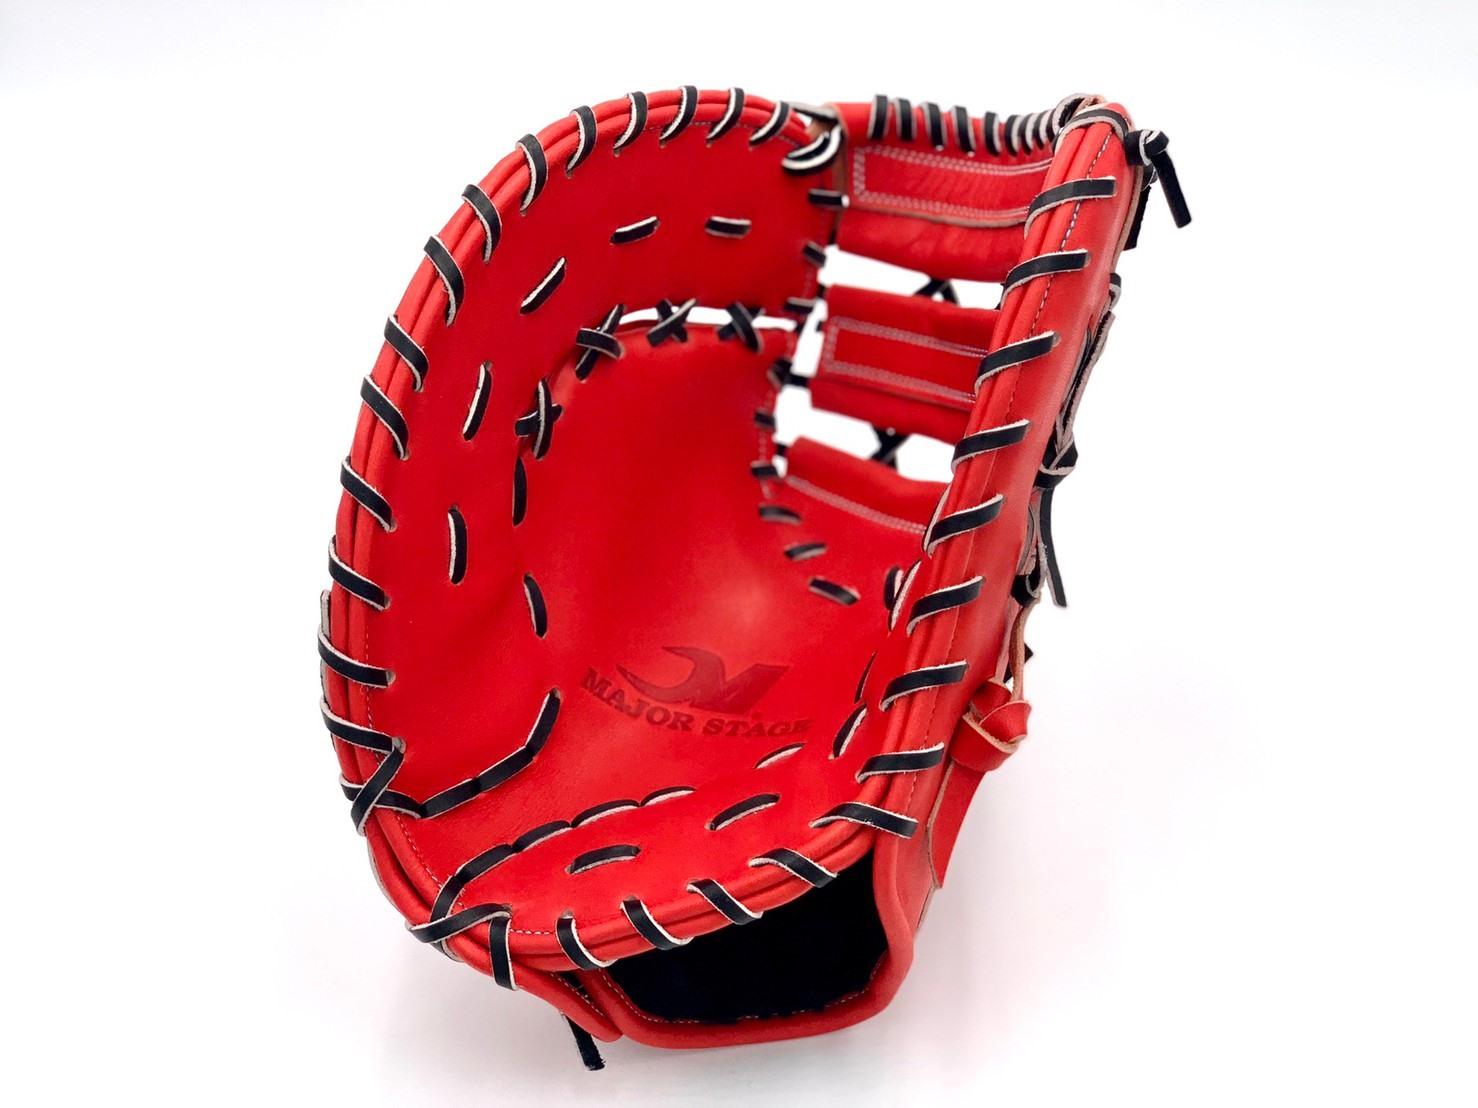 硬式ファースト(一塁手)用ミット カプシーヌ